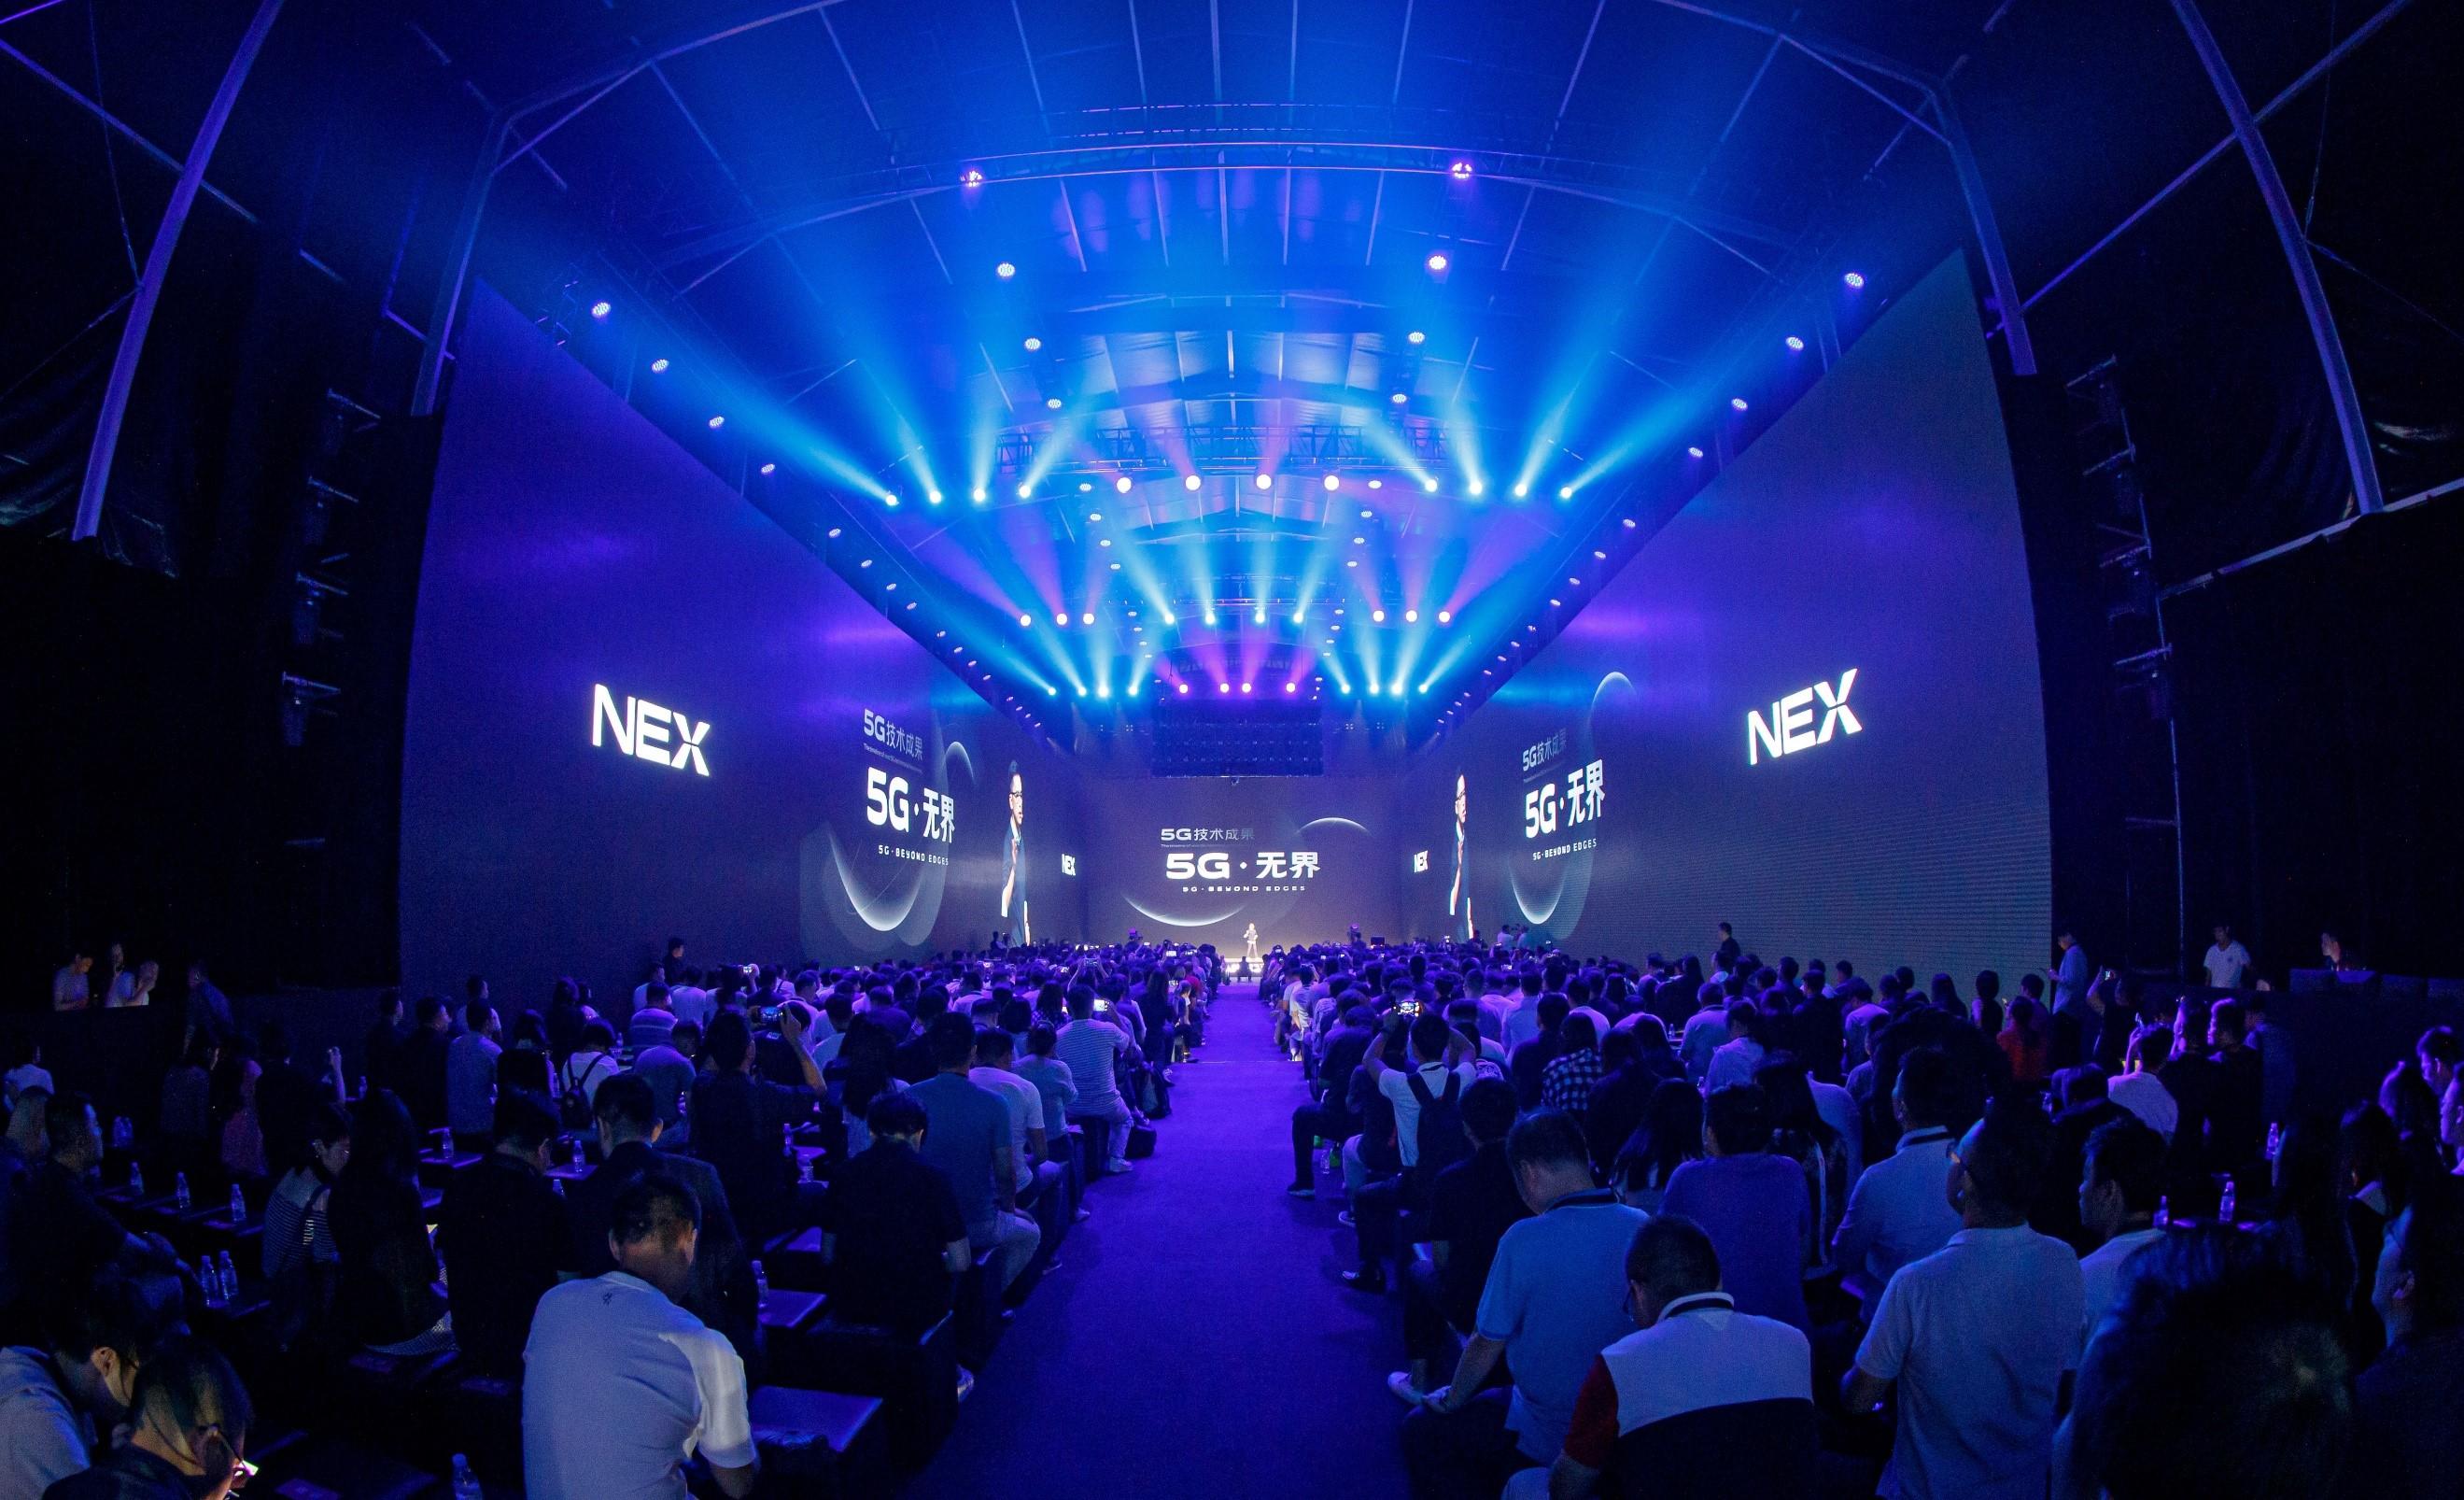 NEX 3 5G智慧旗舰上海正式发布